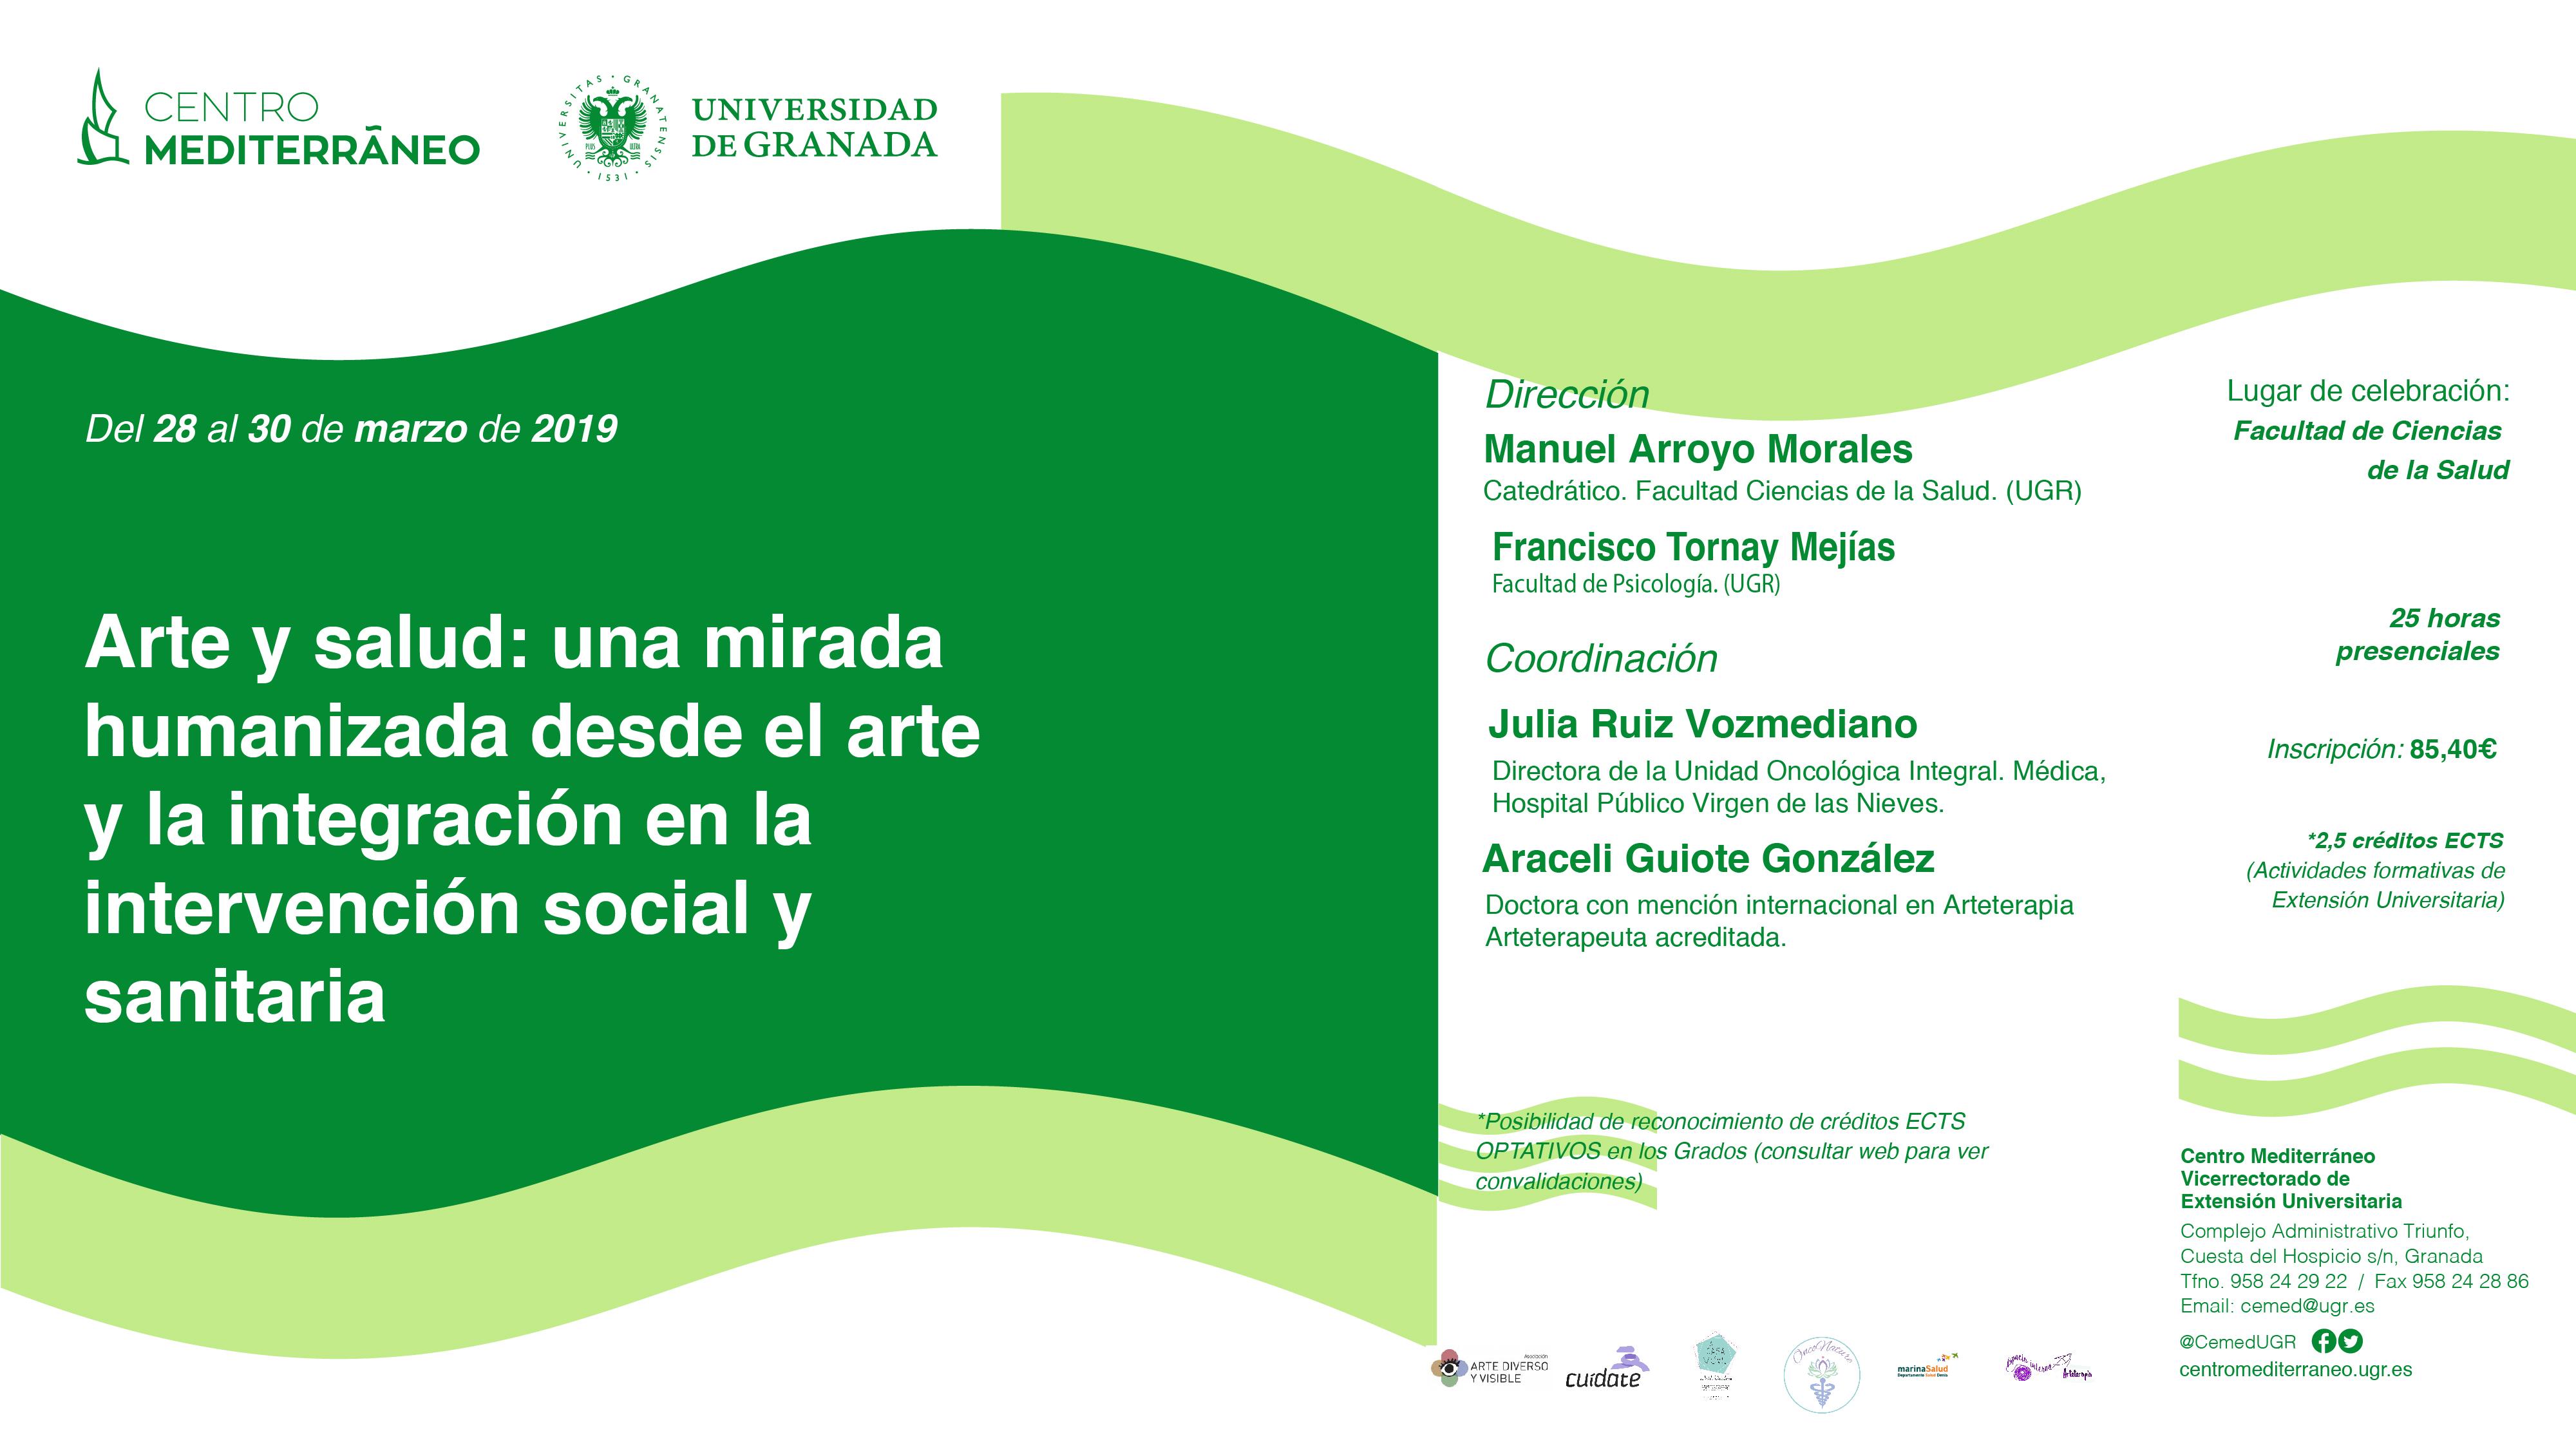 Arte y salud: una mirada humanizada desde el arte y la integración en la intervención social y sanitaria